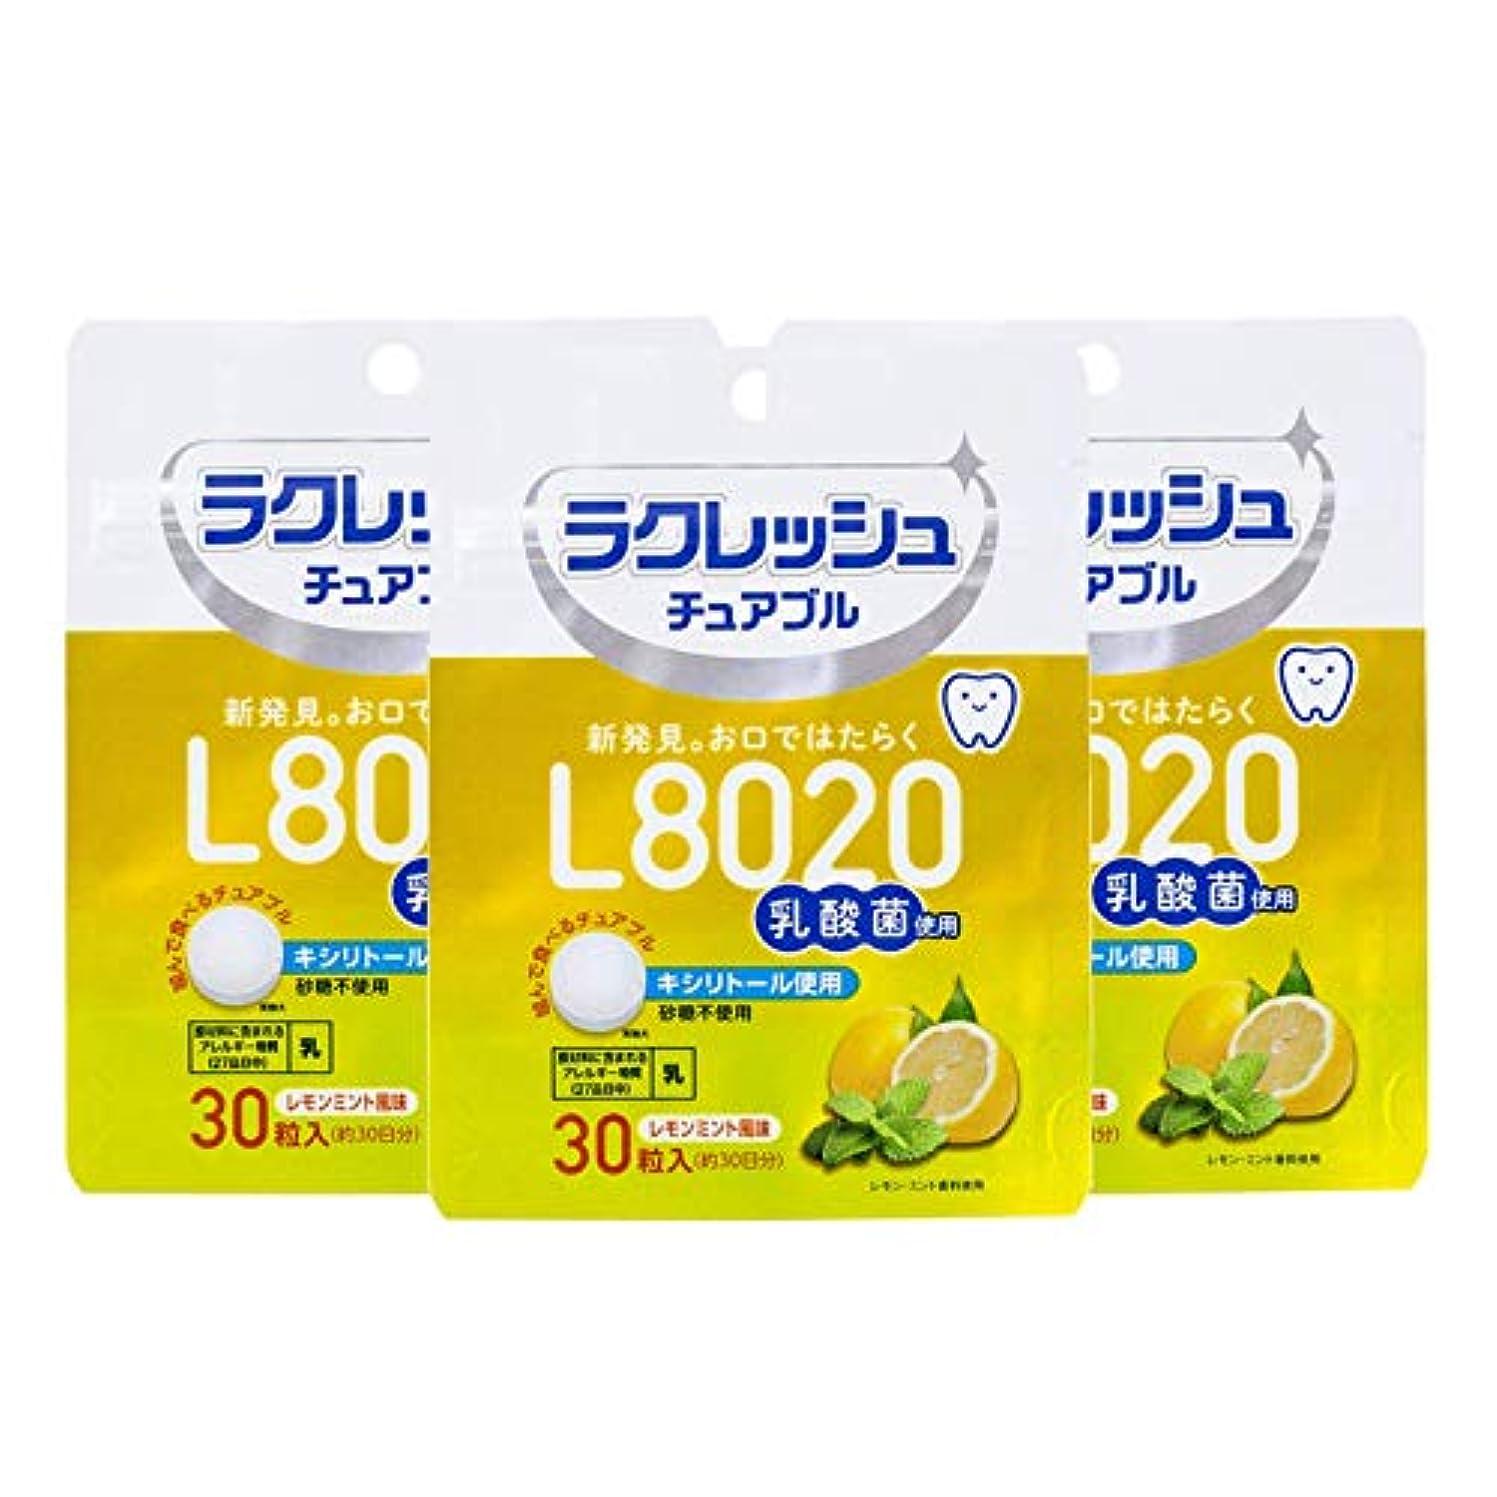 L8020乳酸菌ラクレッシュ チュアブル レモンミント風味(30粒) 3袋 タブレット